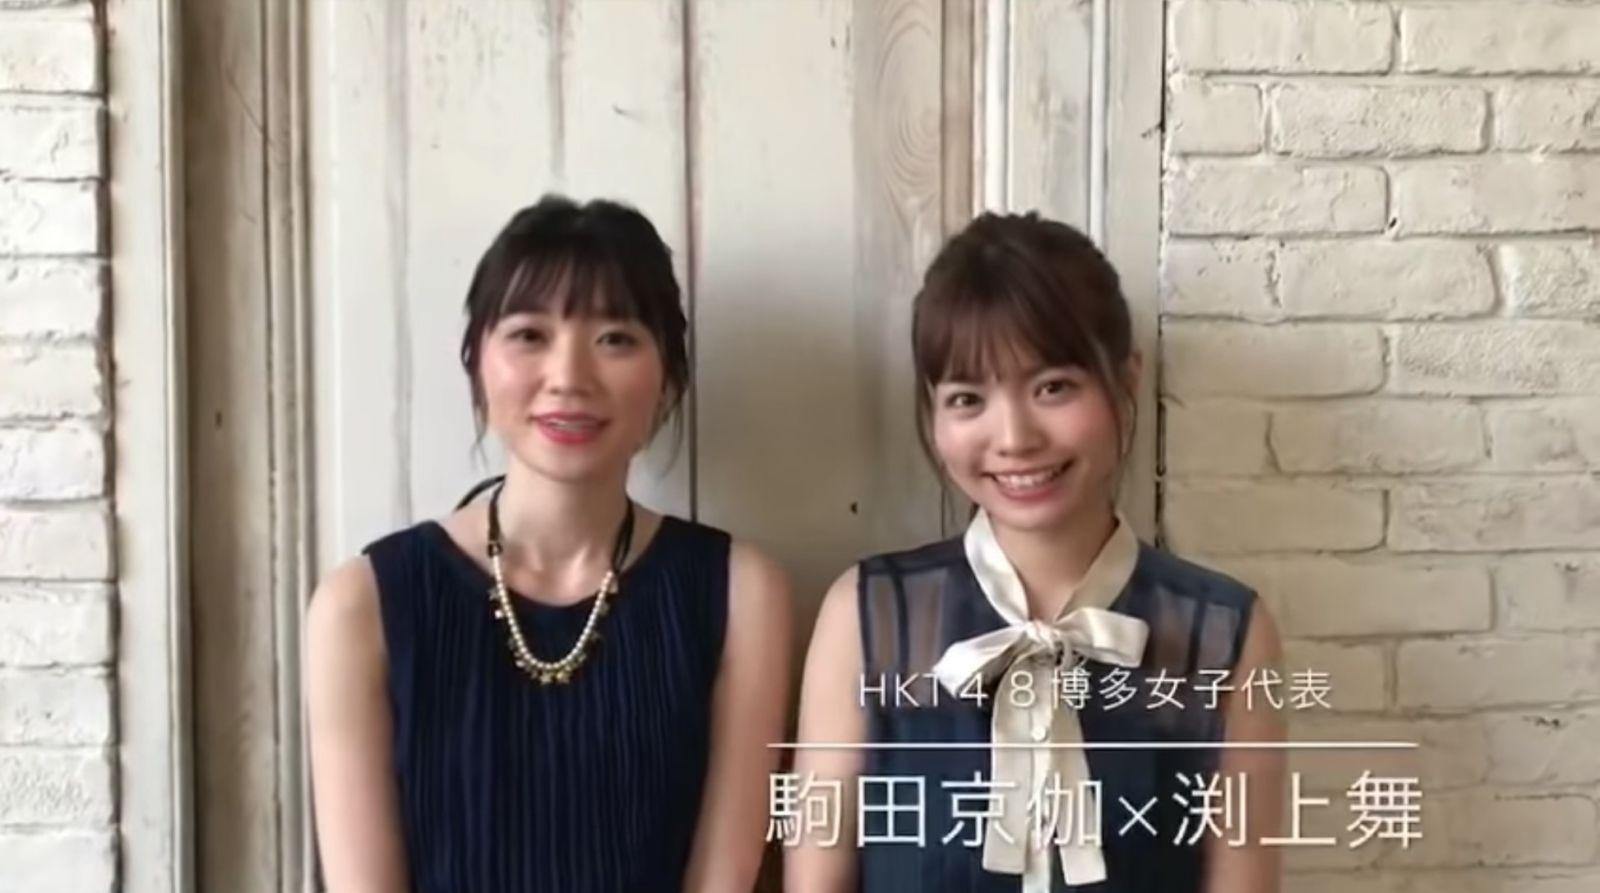 [動画] HKT48駒田京伽×渕上舞<FLASHスペシャル2018秋号>